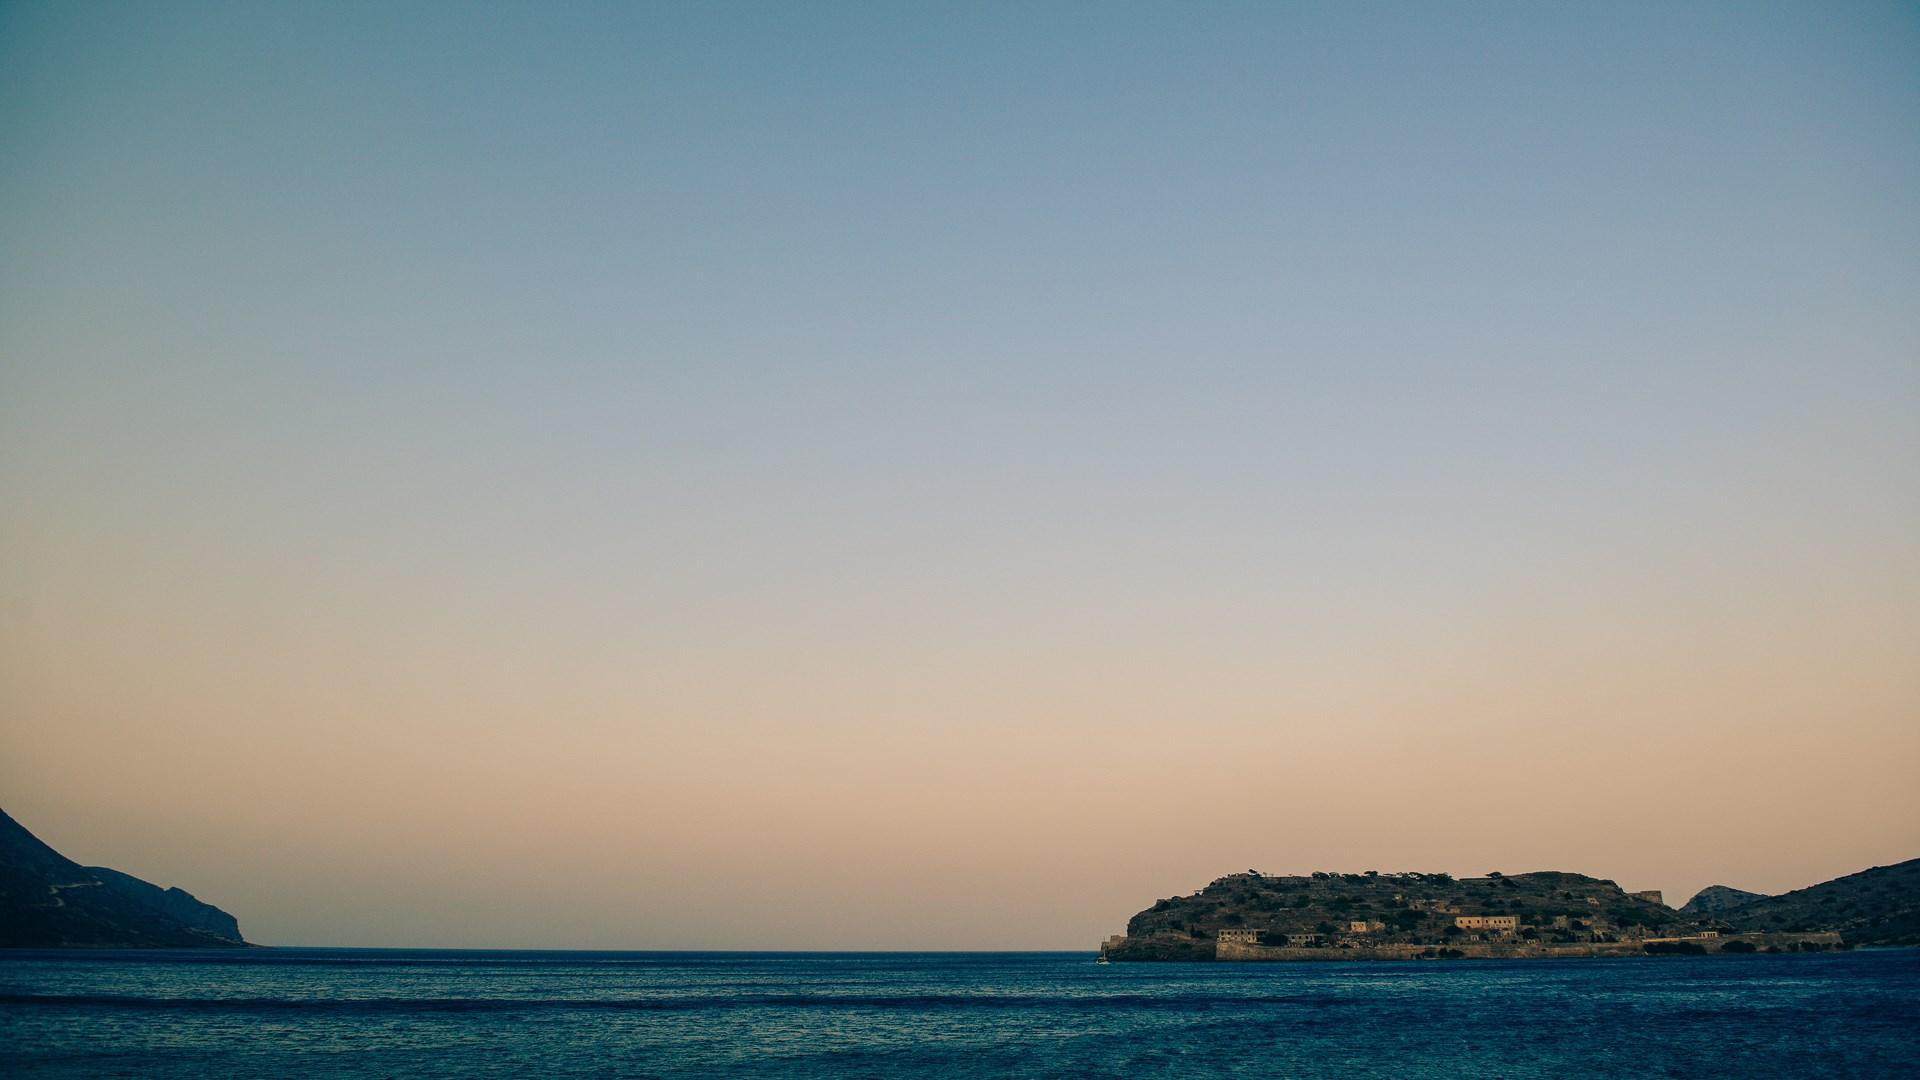 Spinalonga Island, Lasithi-Eastern Crete  | 08 Aug 2016 | Alargo